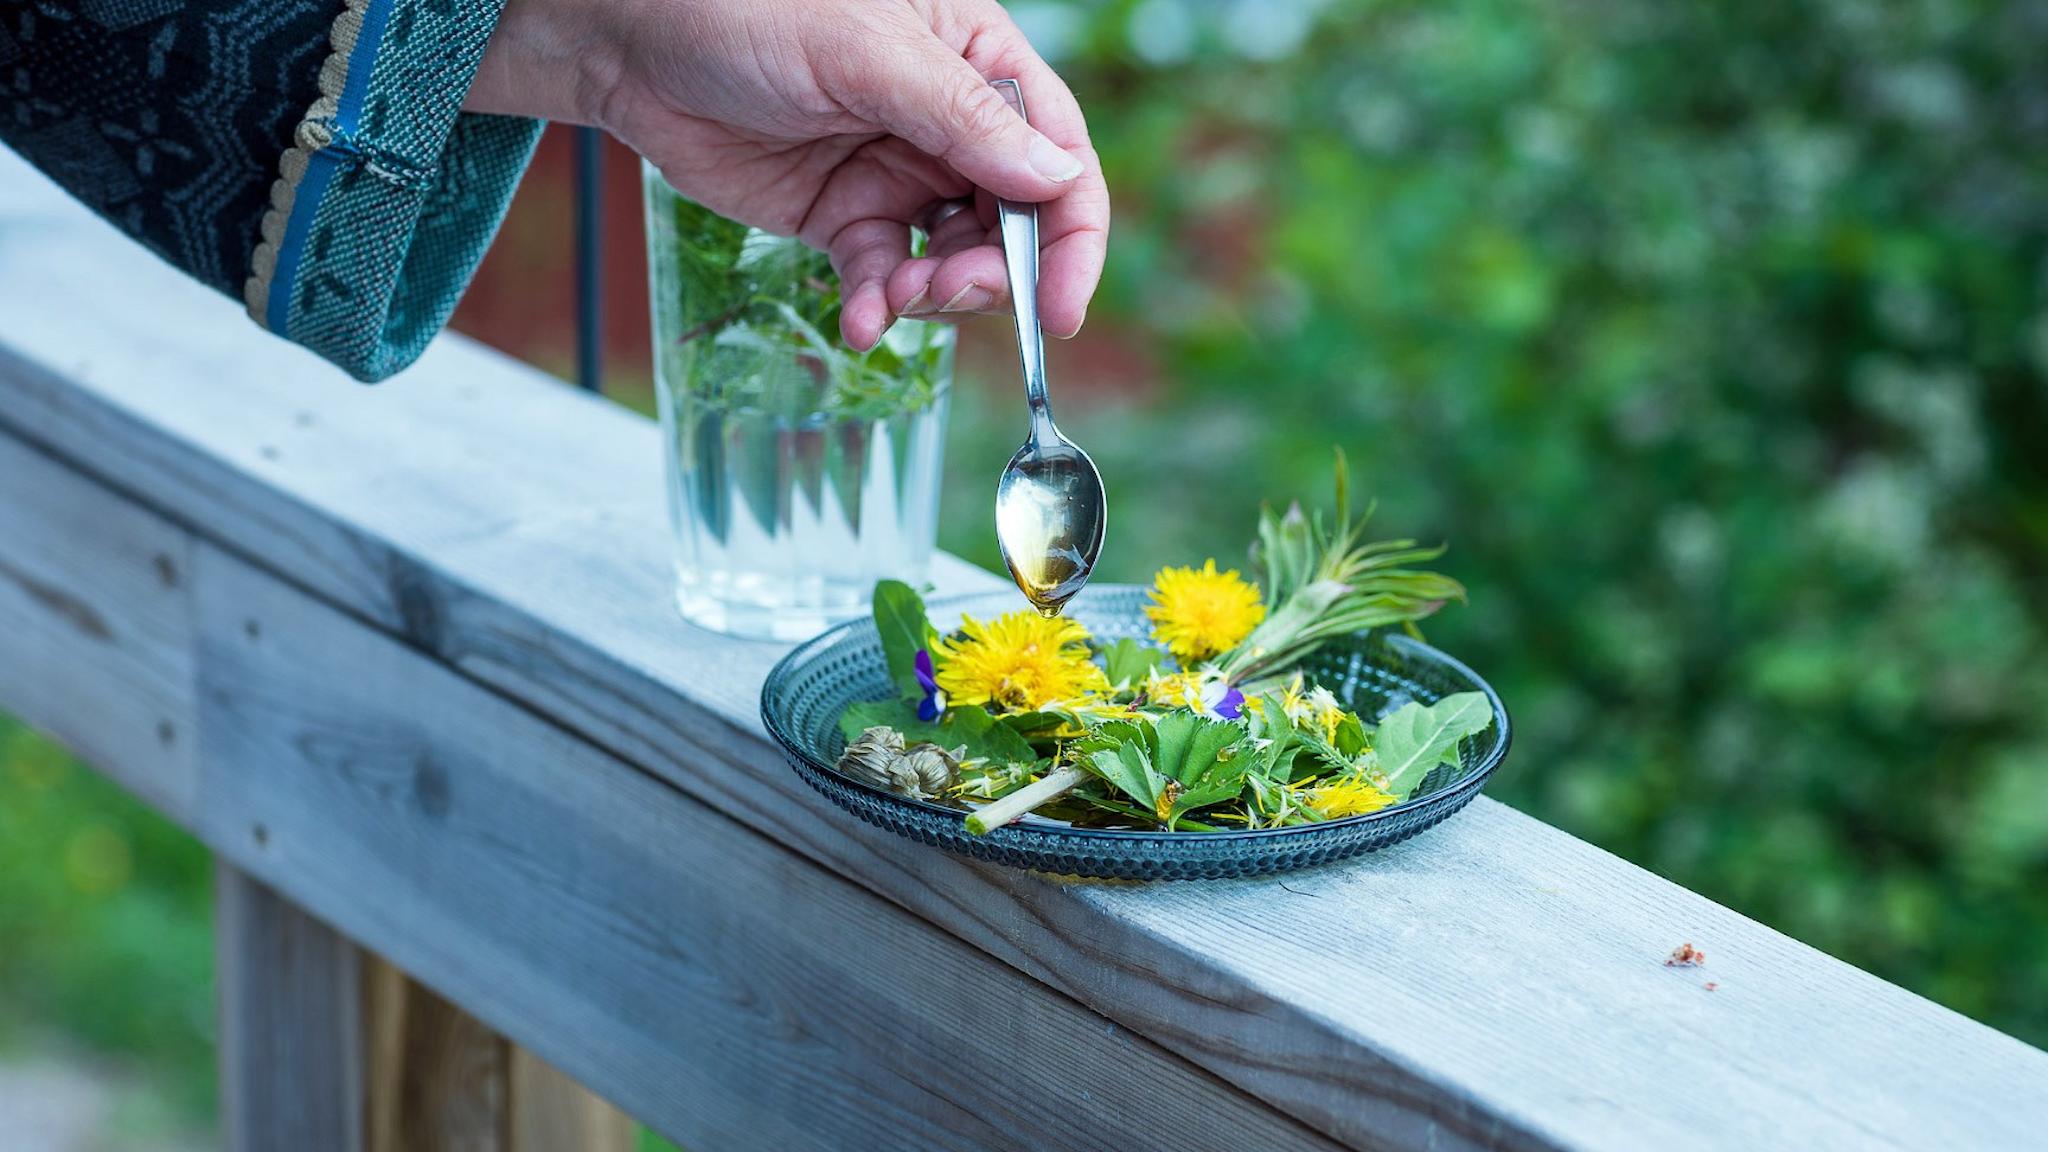 En tallrik med örter och ätbara växter och blommor från naturen står på en träbänk. En bakgrunden står ett glas med iste och en hand som med en sked ringlar honung över örterna.